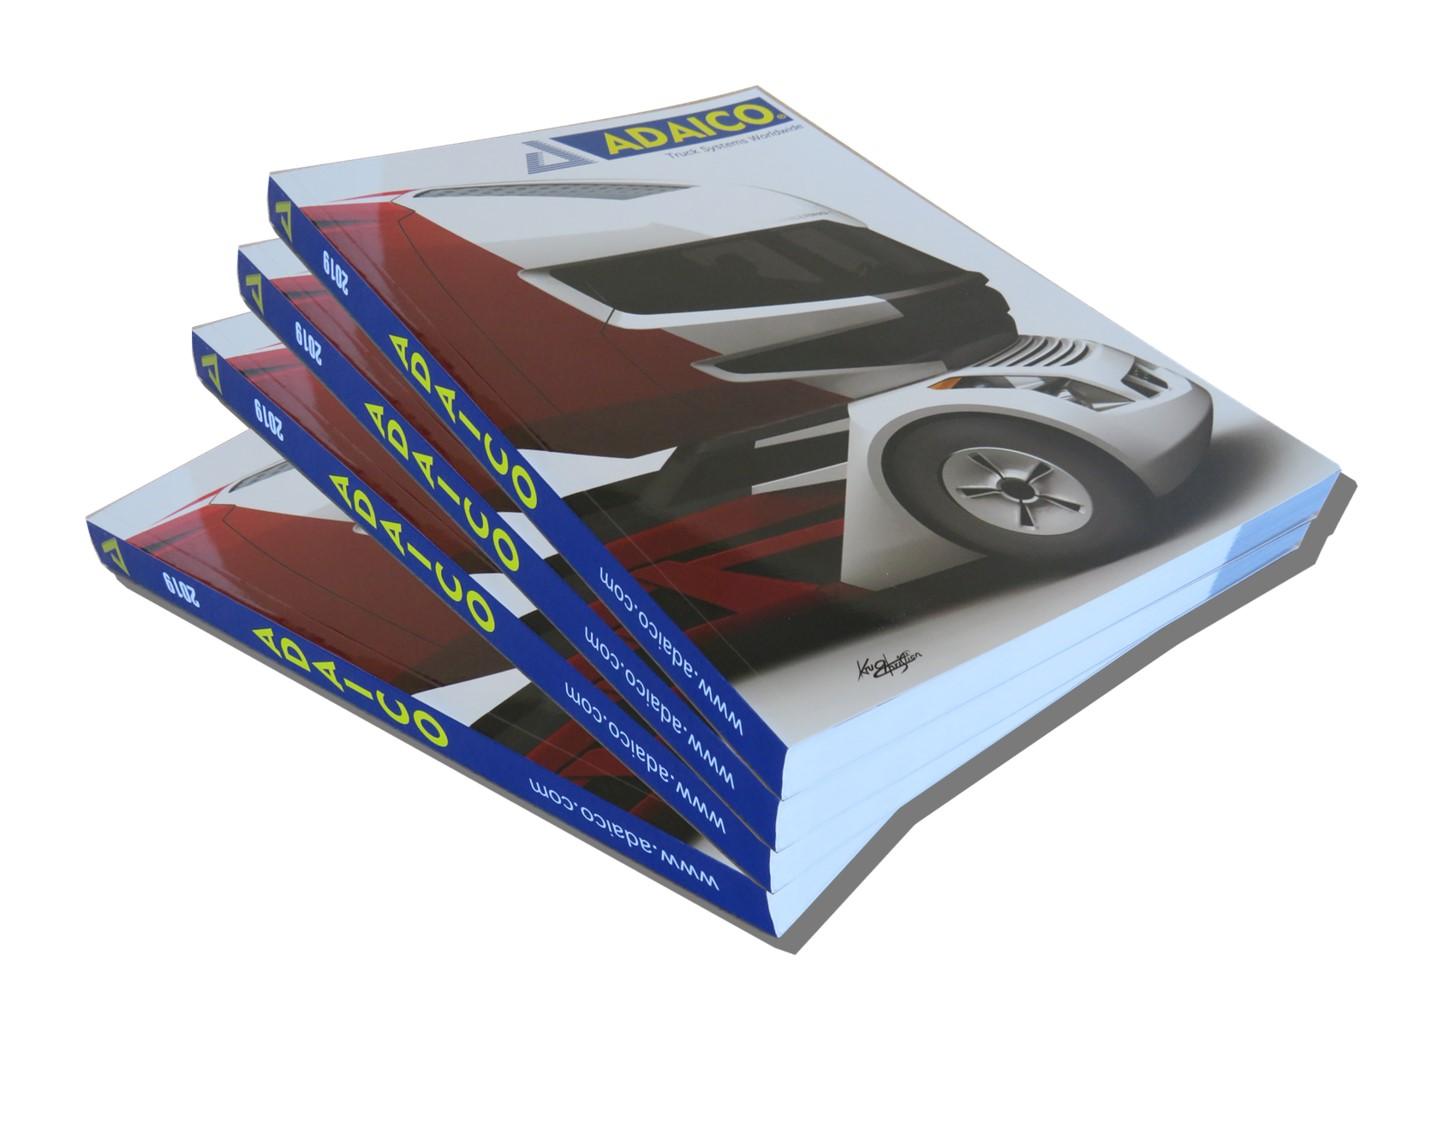 ADAICO publica su Nuevo Catálogo de accesorios de carrocería para camión y vehículo industrial